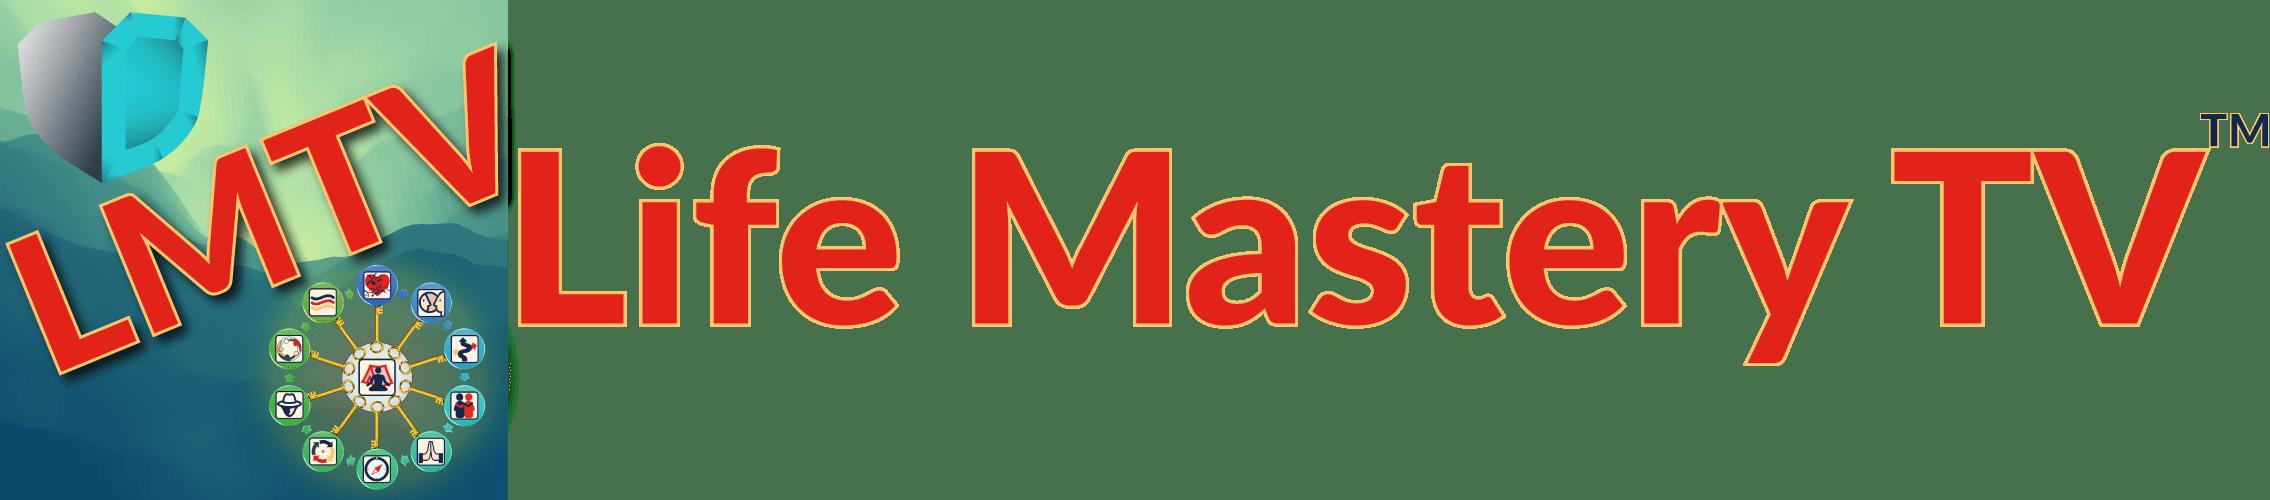 Life Mastery TV